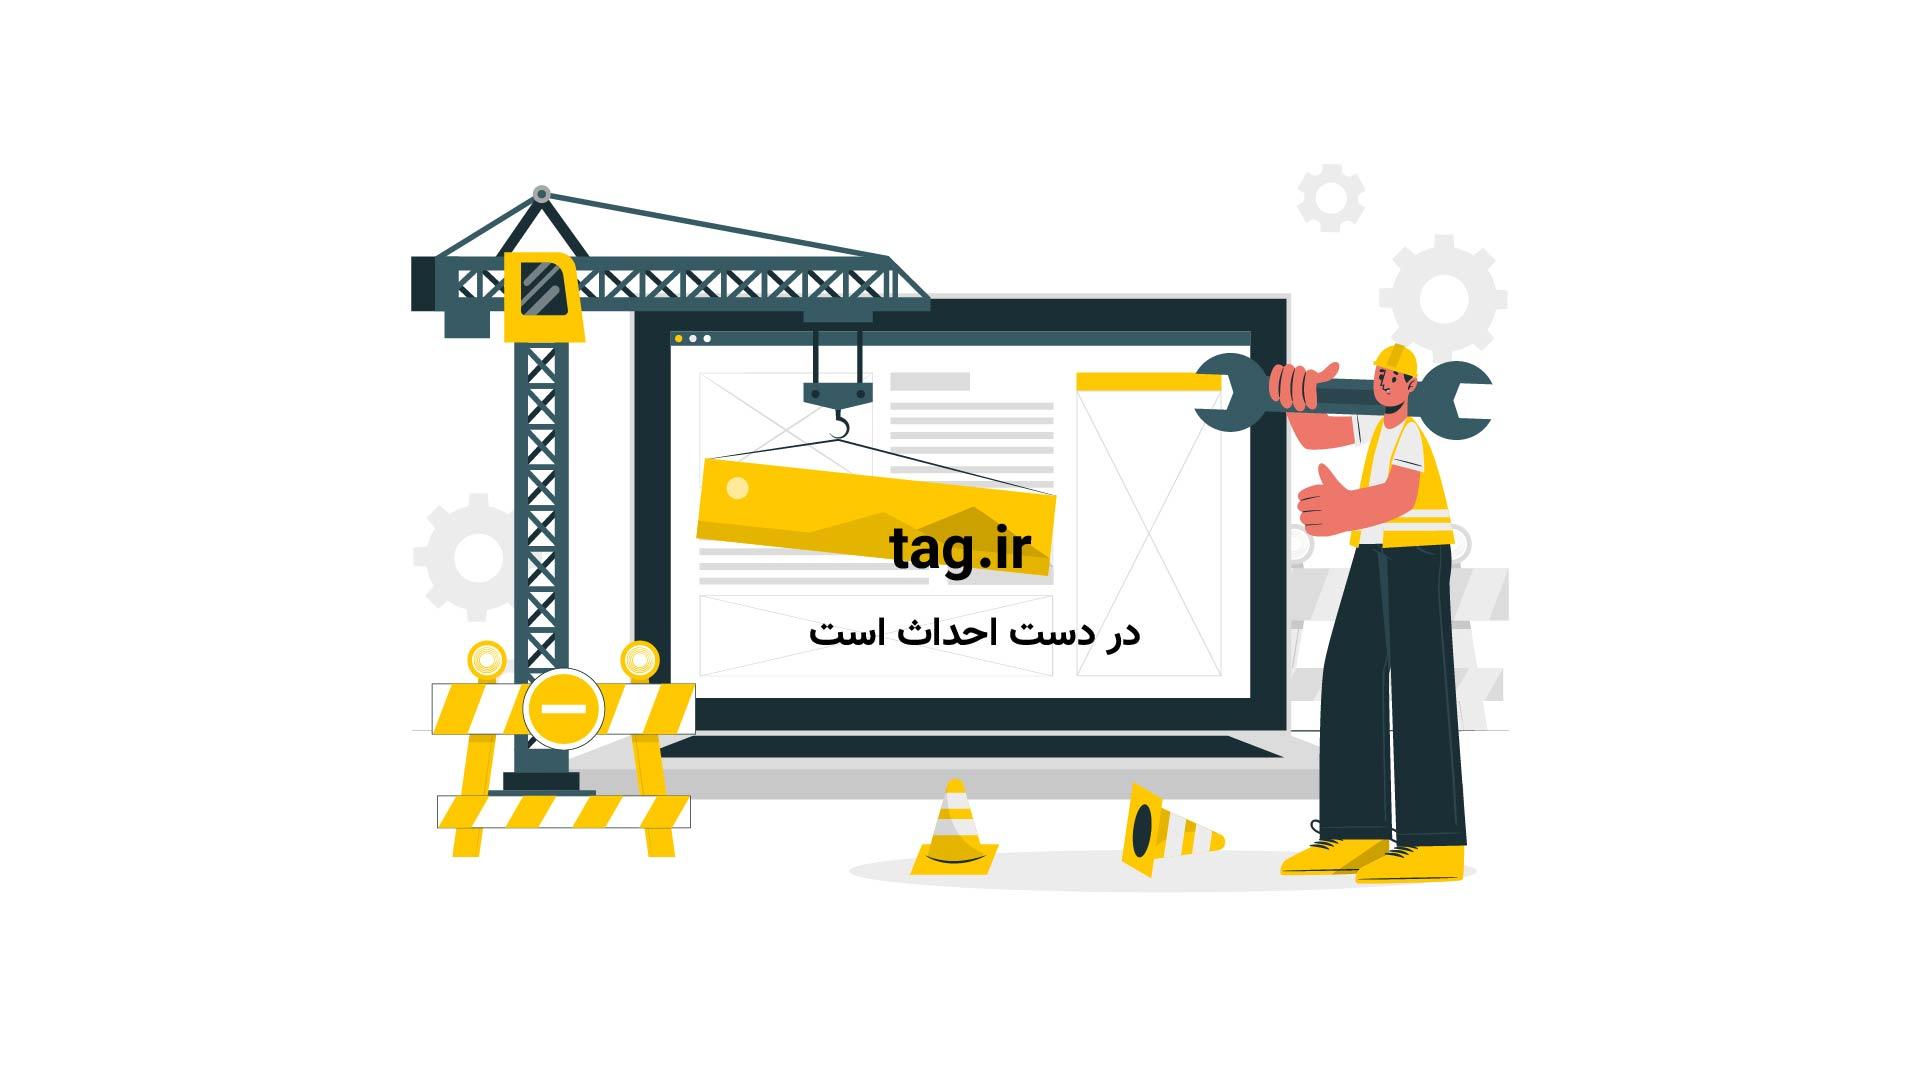 سوزان اتلینگر: با این حجم وسیع اطلاعات چه می کنیم | فیلم